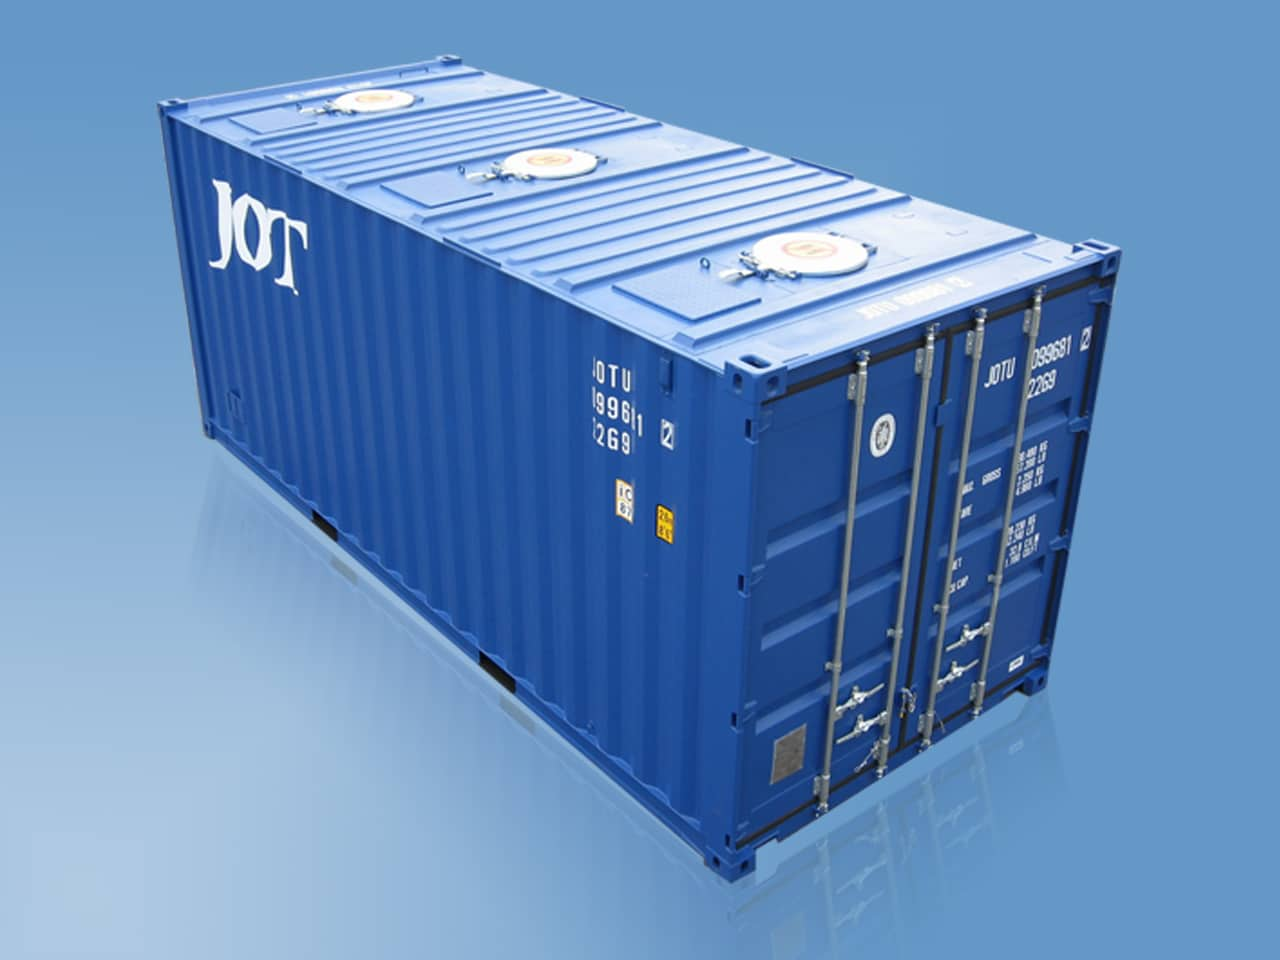 JOT 20′ Bulkcontainer